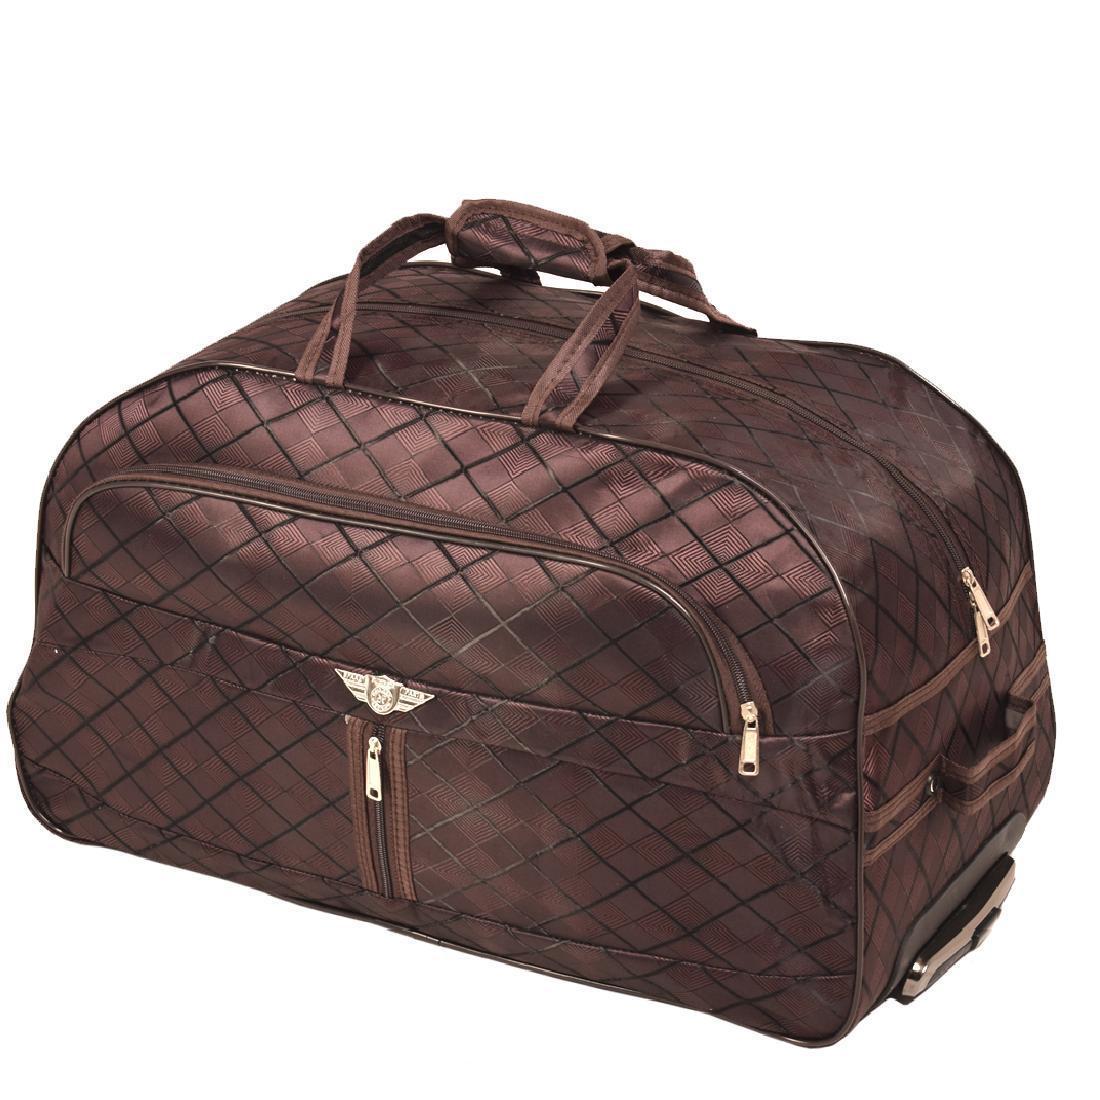 Дорожная сумка BagHouse 60 х 34 х 32 см Коричневая (ксЛ009вф)